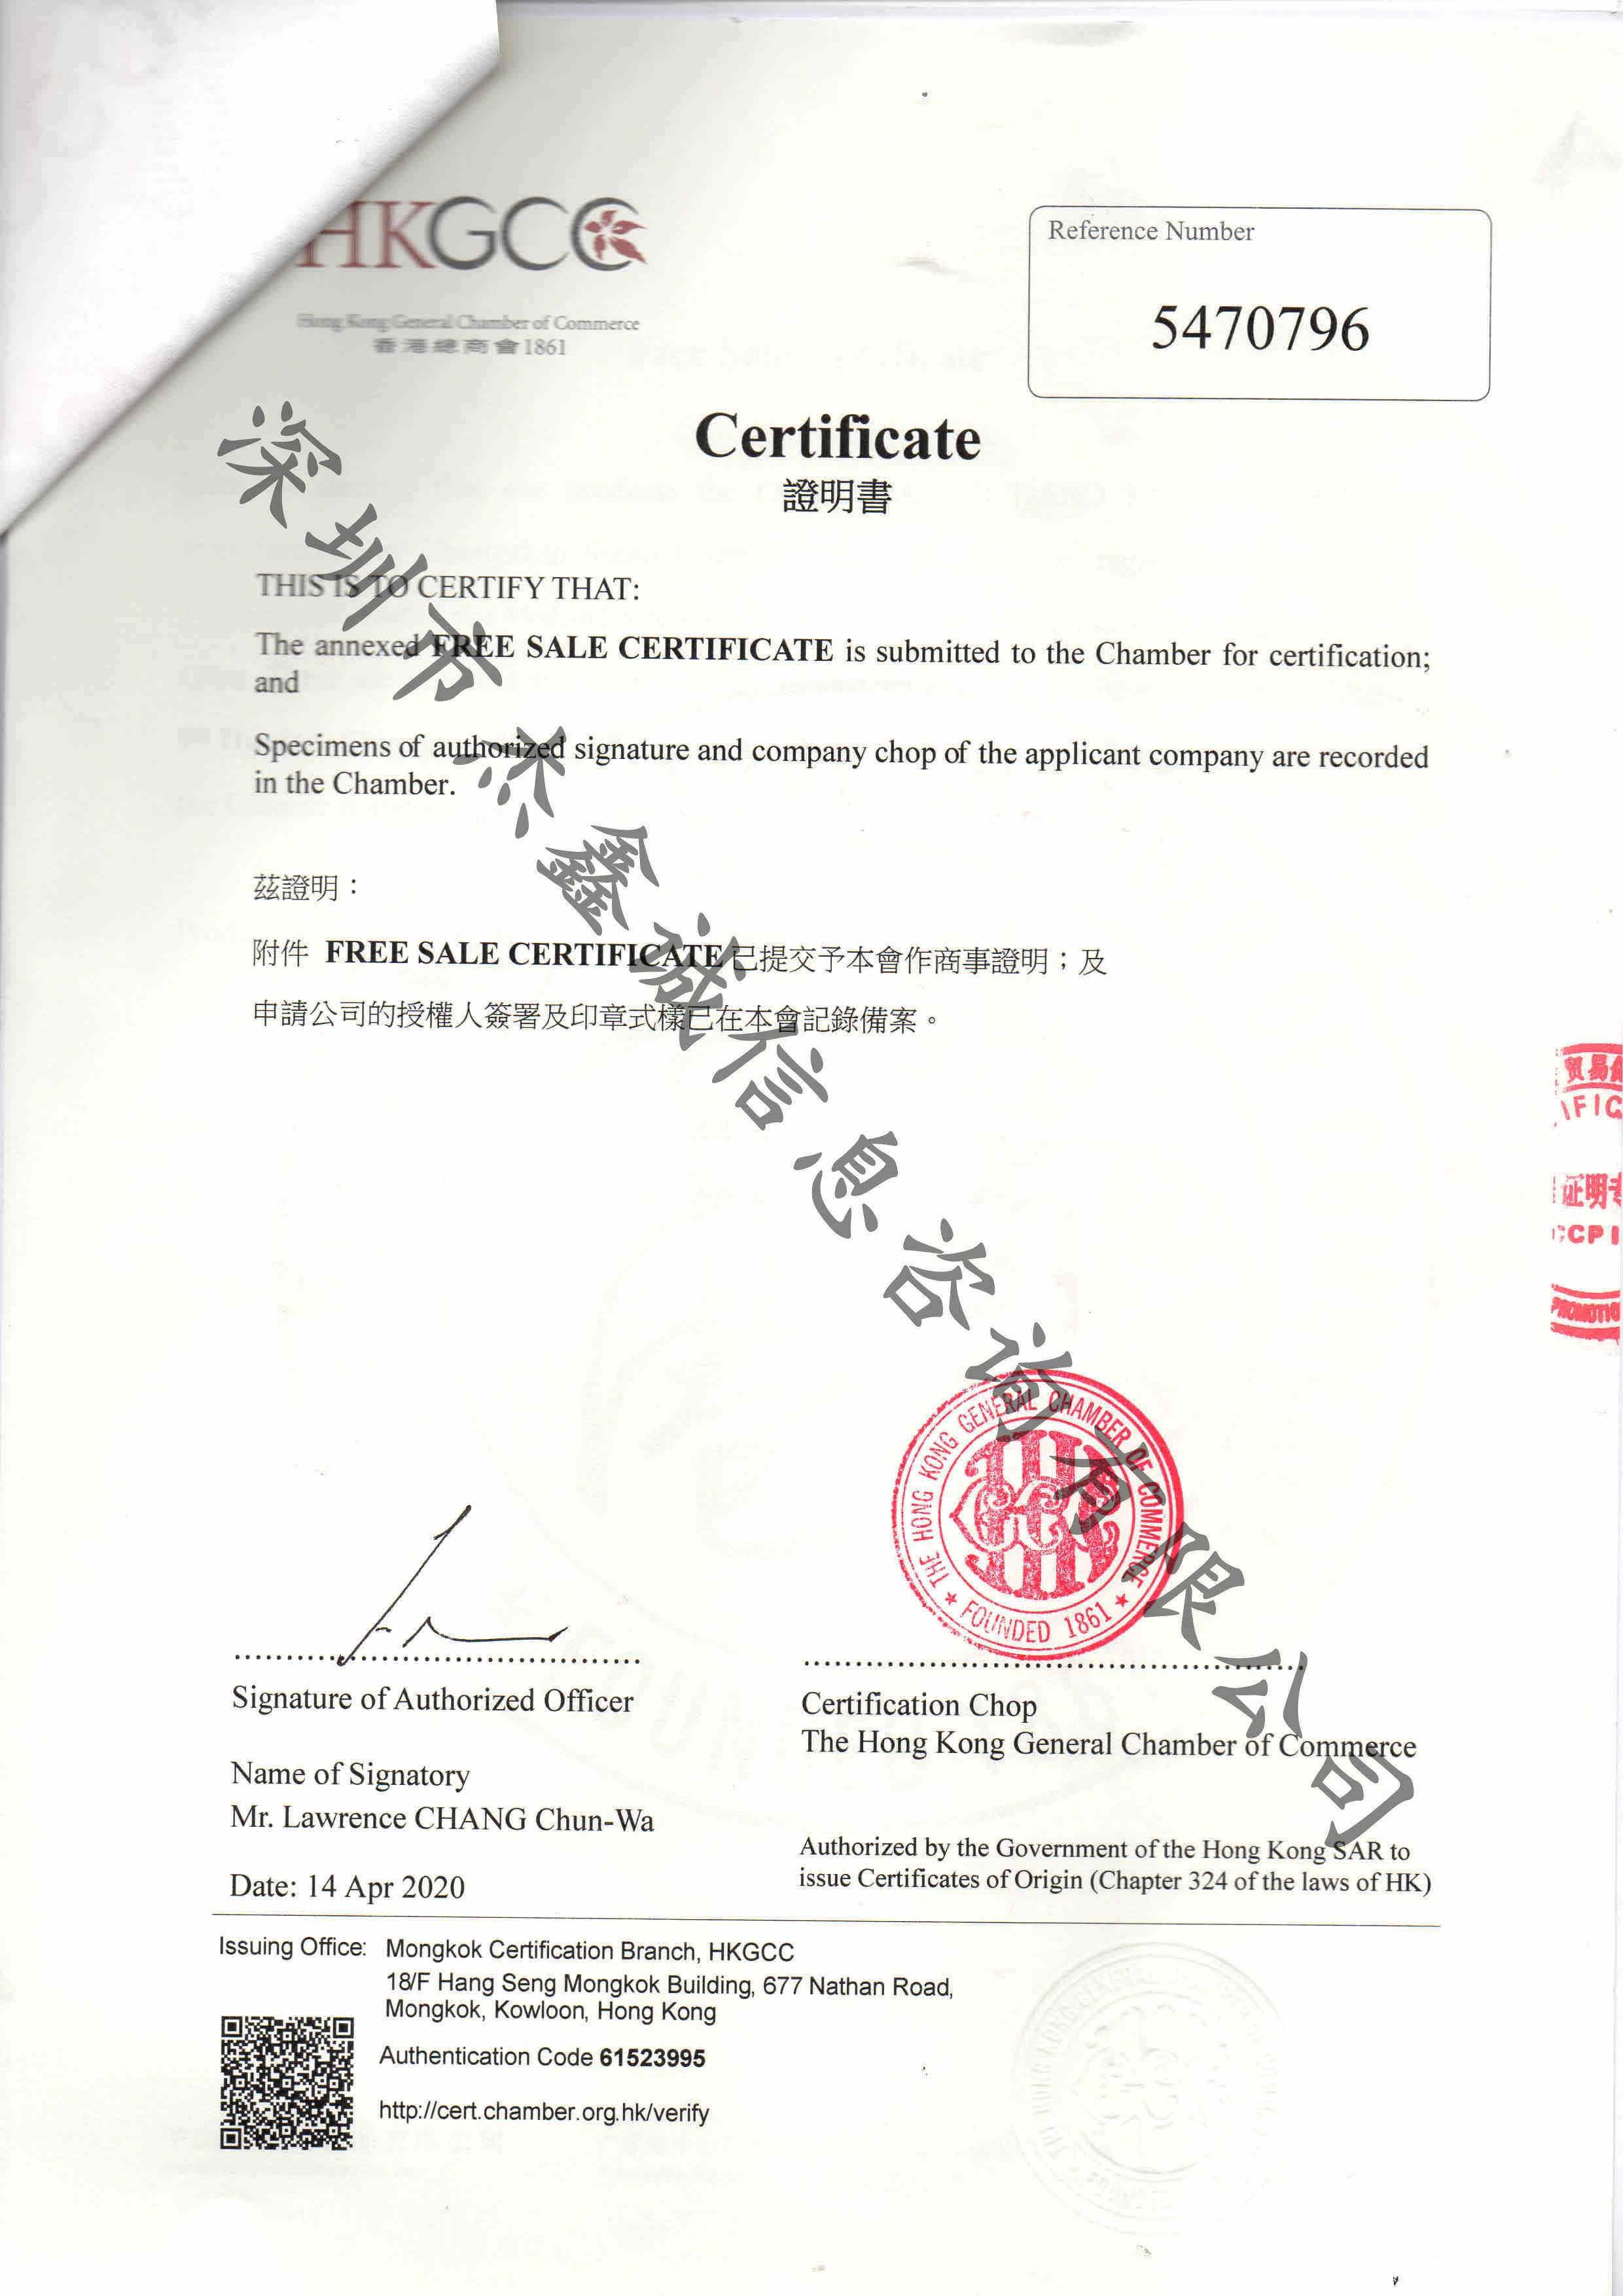 北京外交部认证电话_新加坡领事认证加签自由销售证书_CCPIT加签|领事馆加签|商会认证 ...